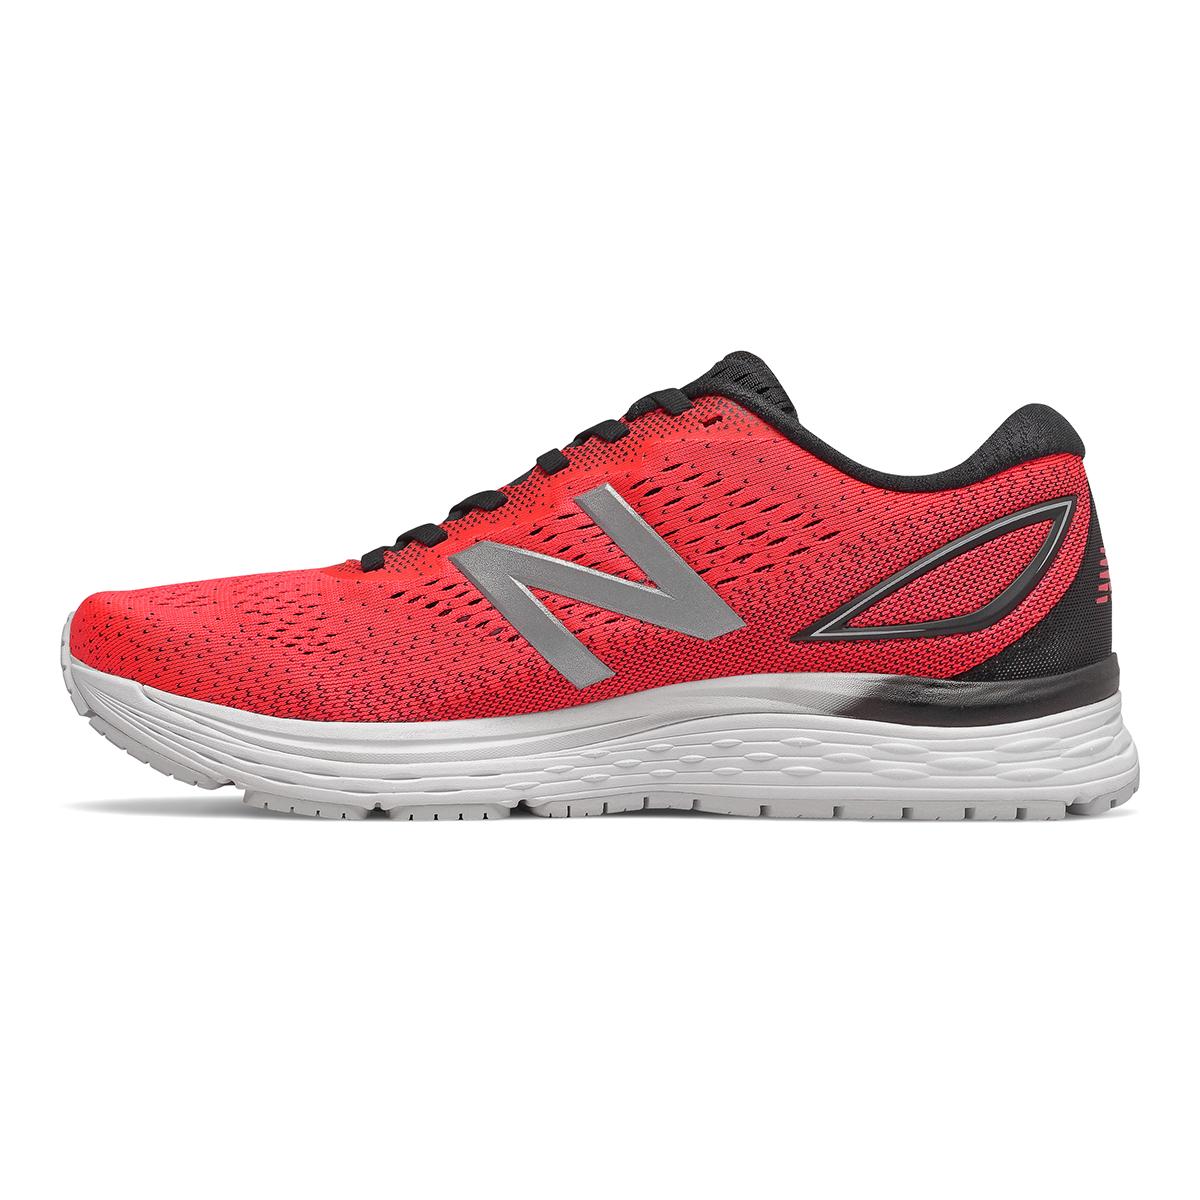 Men's New Balance 880V9 Running Shoe - Color: Energy Red / Black / White (Regular Width) - Size: 9, Energy Red / Black / White, large, image 2